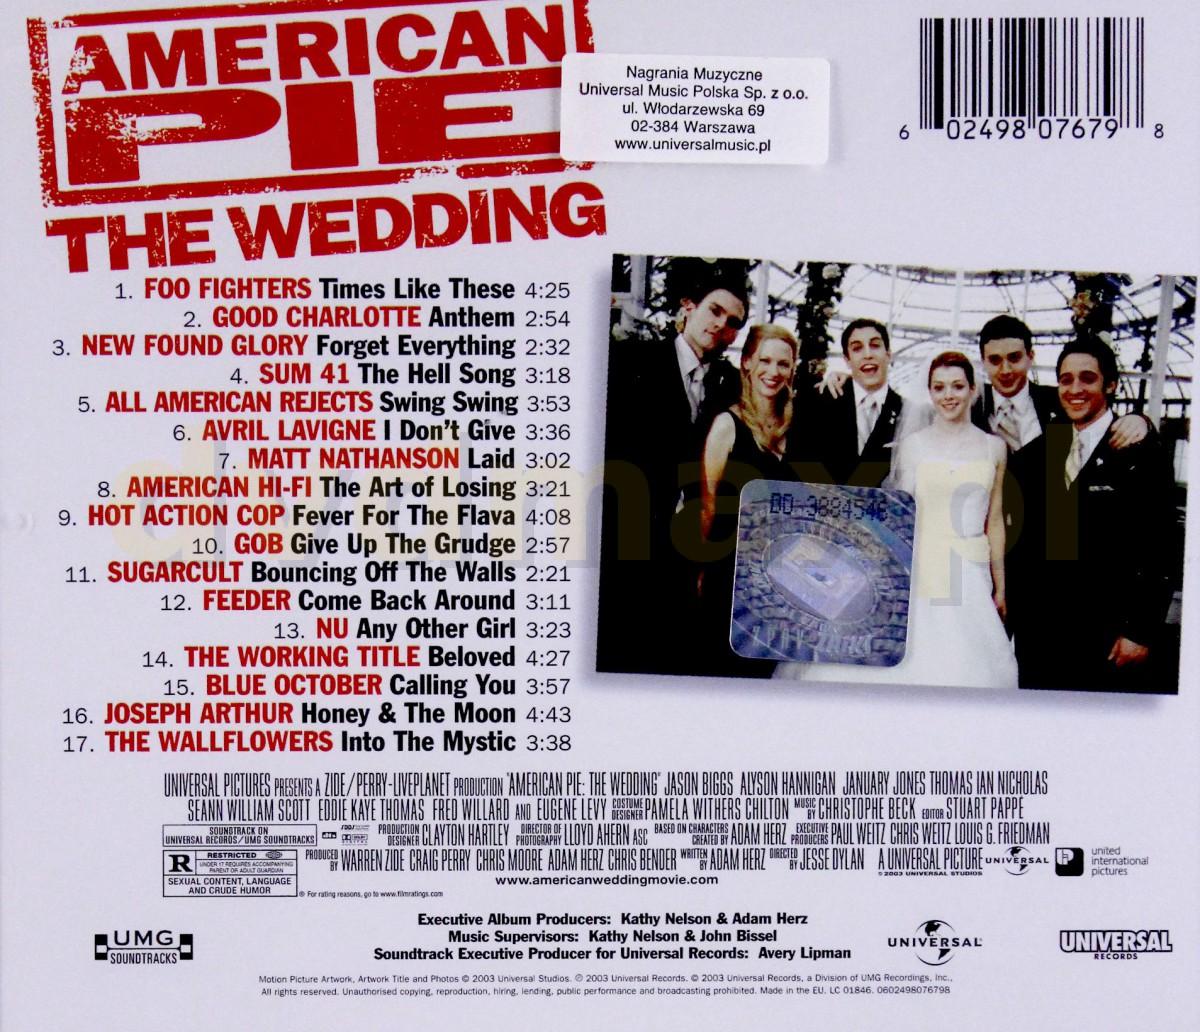 american pie jetzt wird geheiratet soundtrack